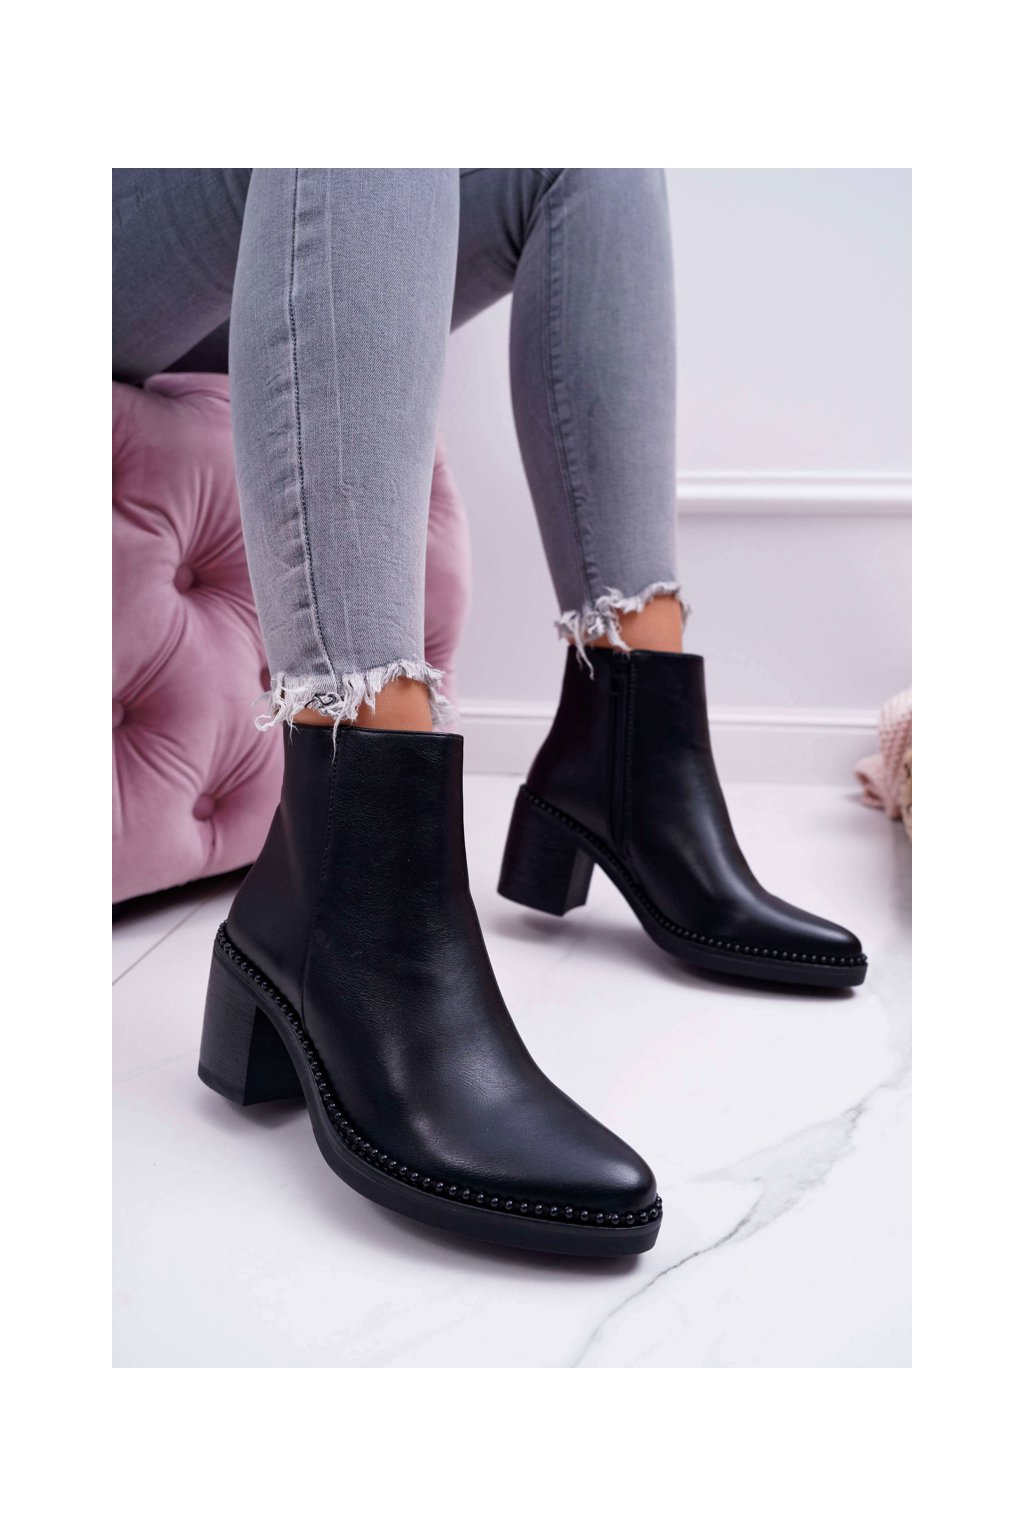 Dámske členkové topánky na podpätku zateplené čierne Duo